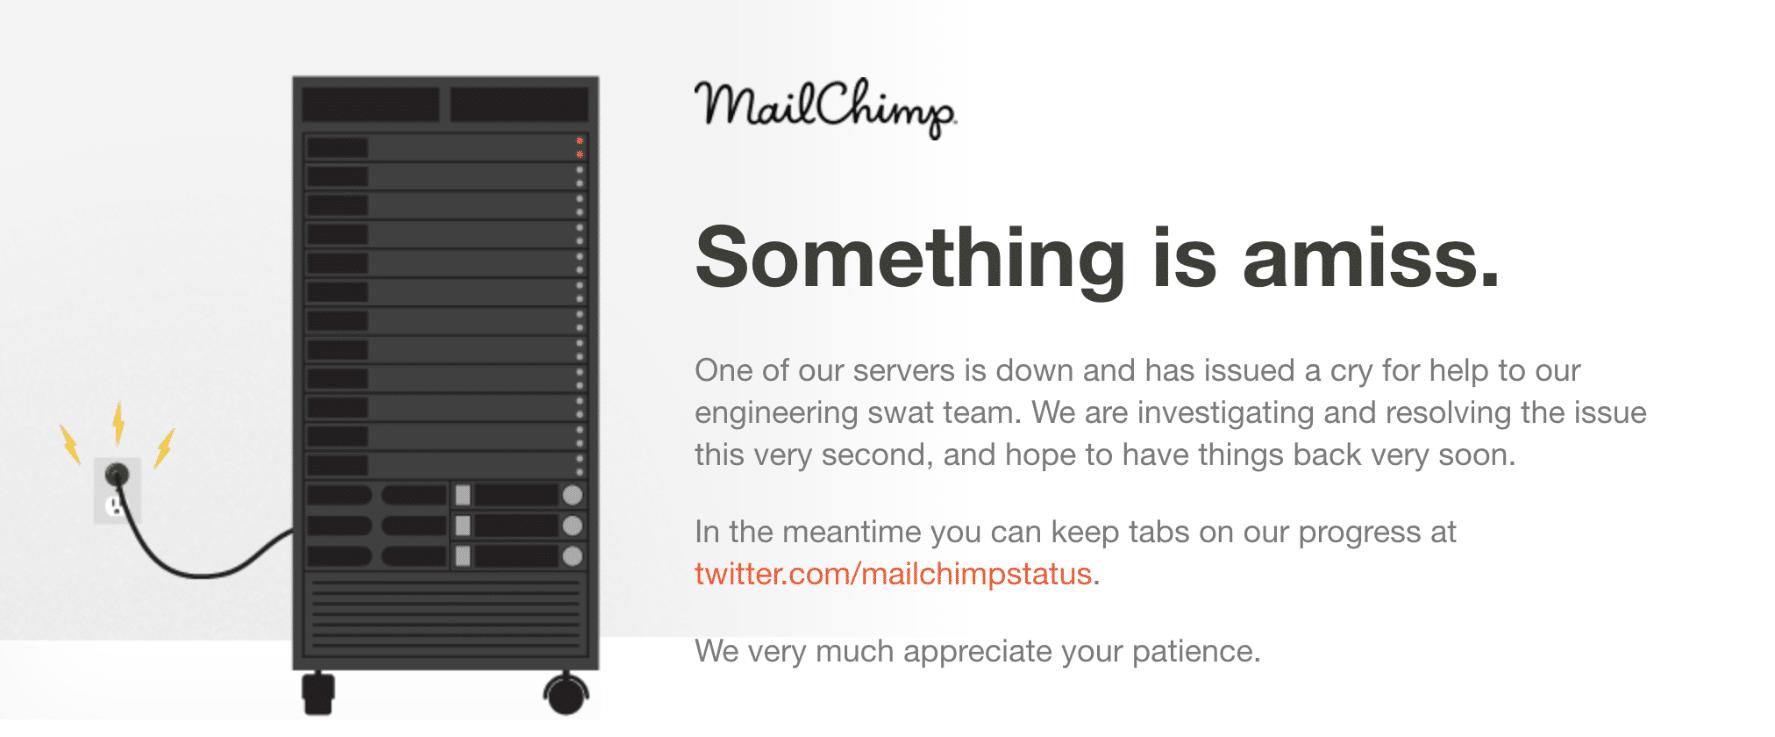 Driftstoppsexempel från MailChimp